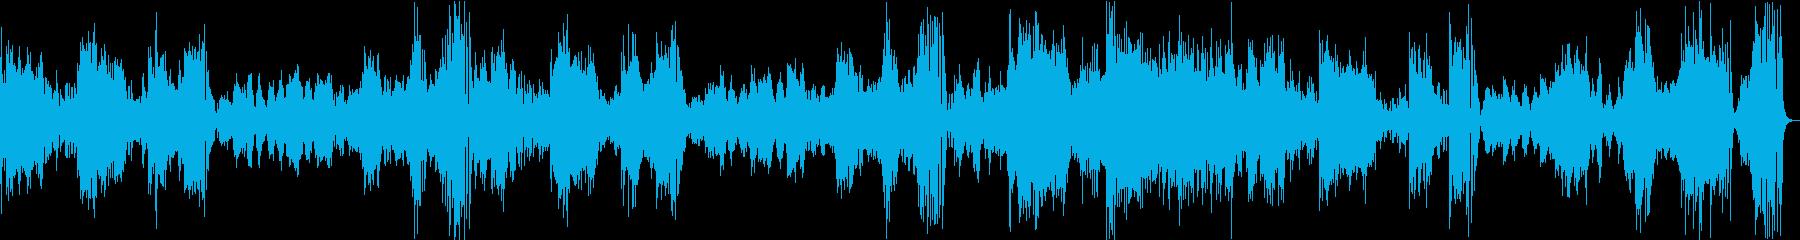 モーツァルトピアノソナタK310第1楽章の再生済みの波形